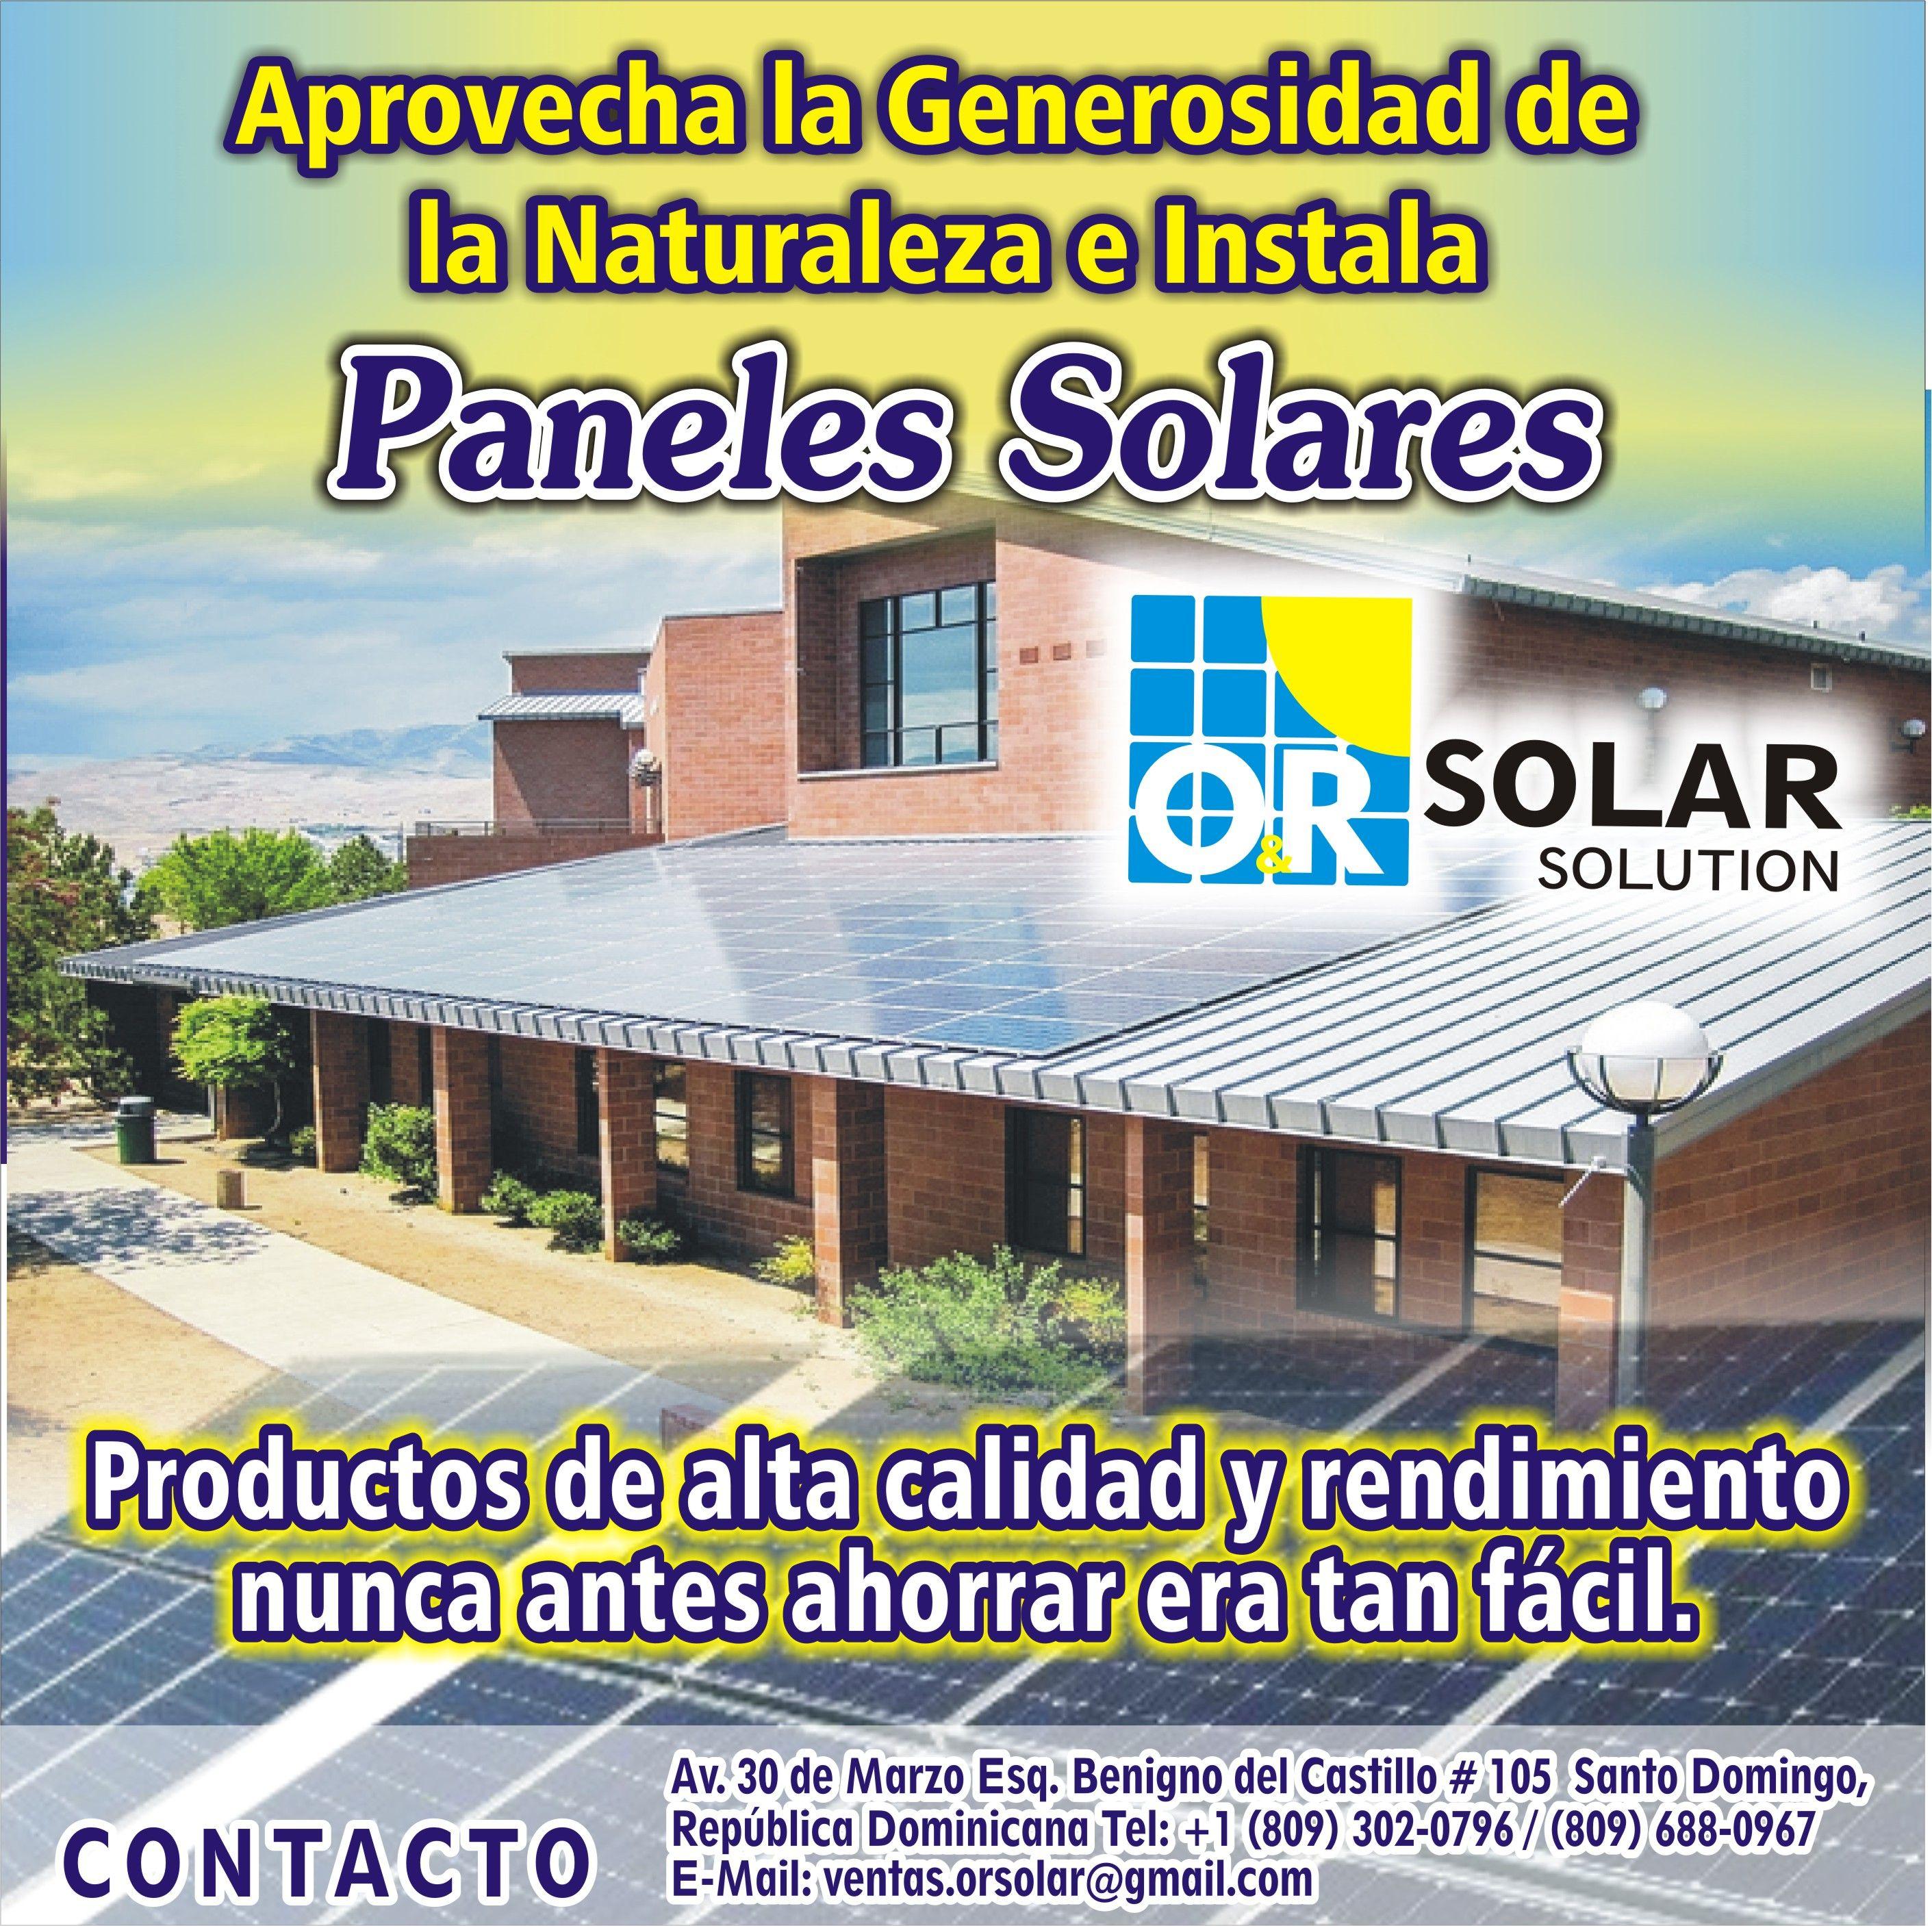 Flyer Para Orsolar Solution Empresa Dedicada A La Venta De Paneles Solares Ubicada En Republica Dominicana Si Deseas Realizar Paneles Solares Panel Castillos